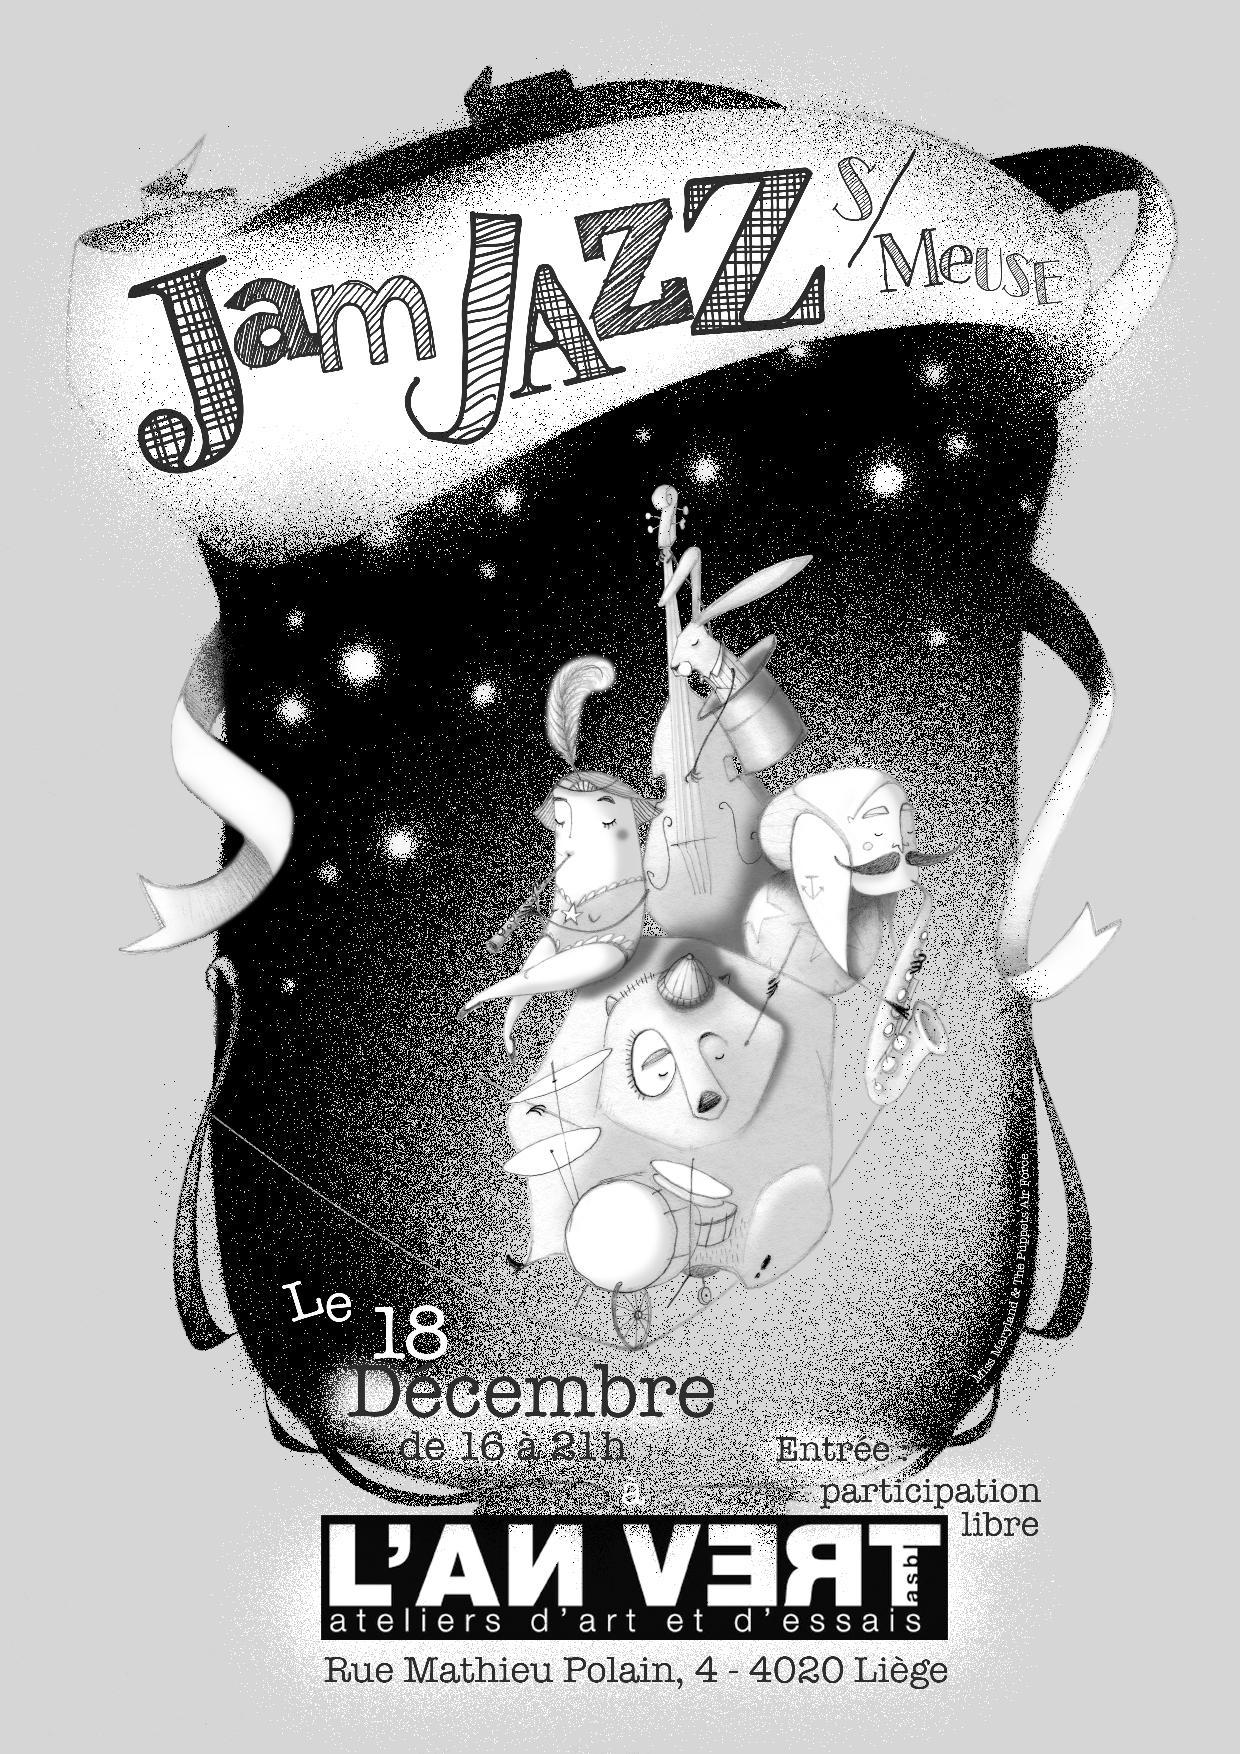 jamjazz-1-page-001